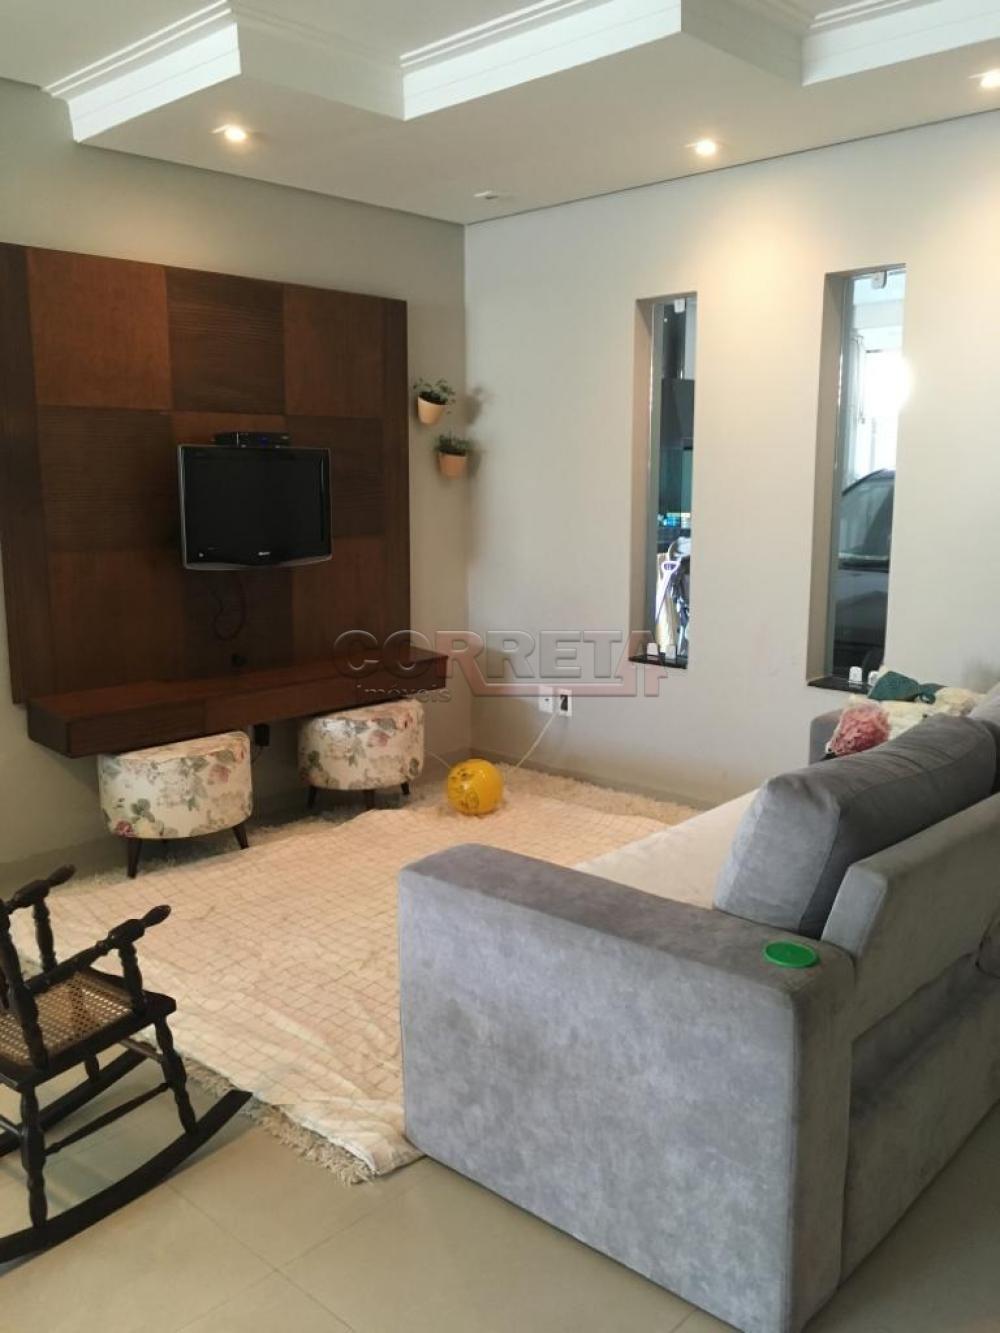 Comprar Casa / Sobrado em Araçatuba apenas R$ 550.000,00 - Foto 5